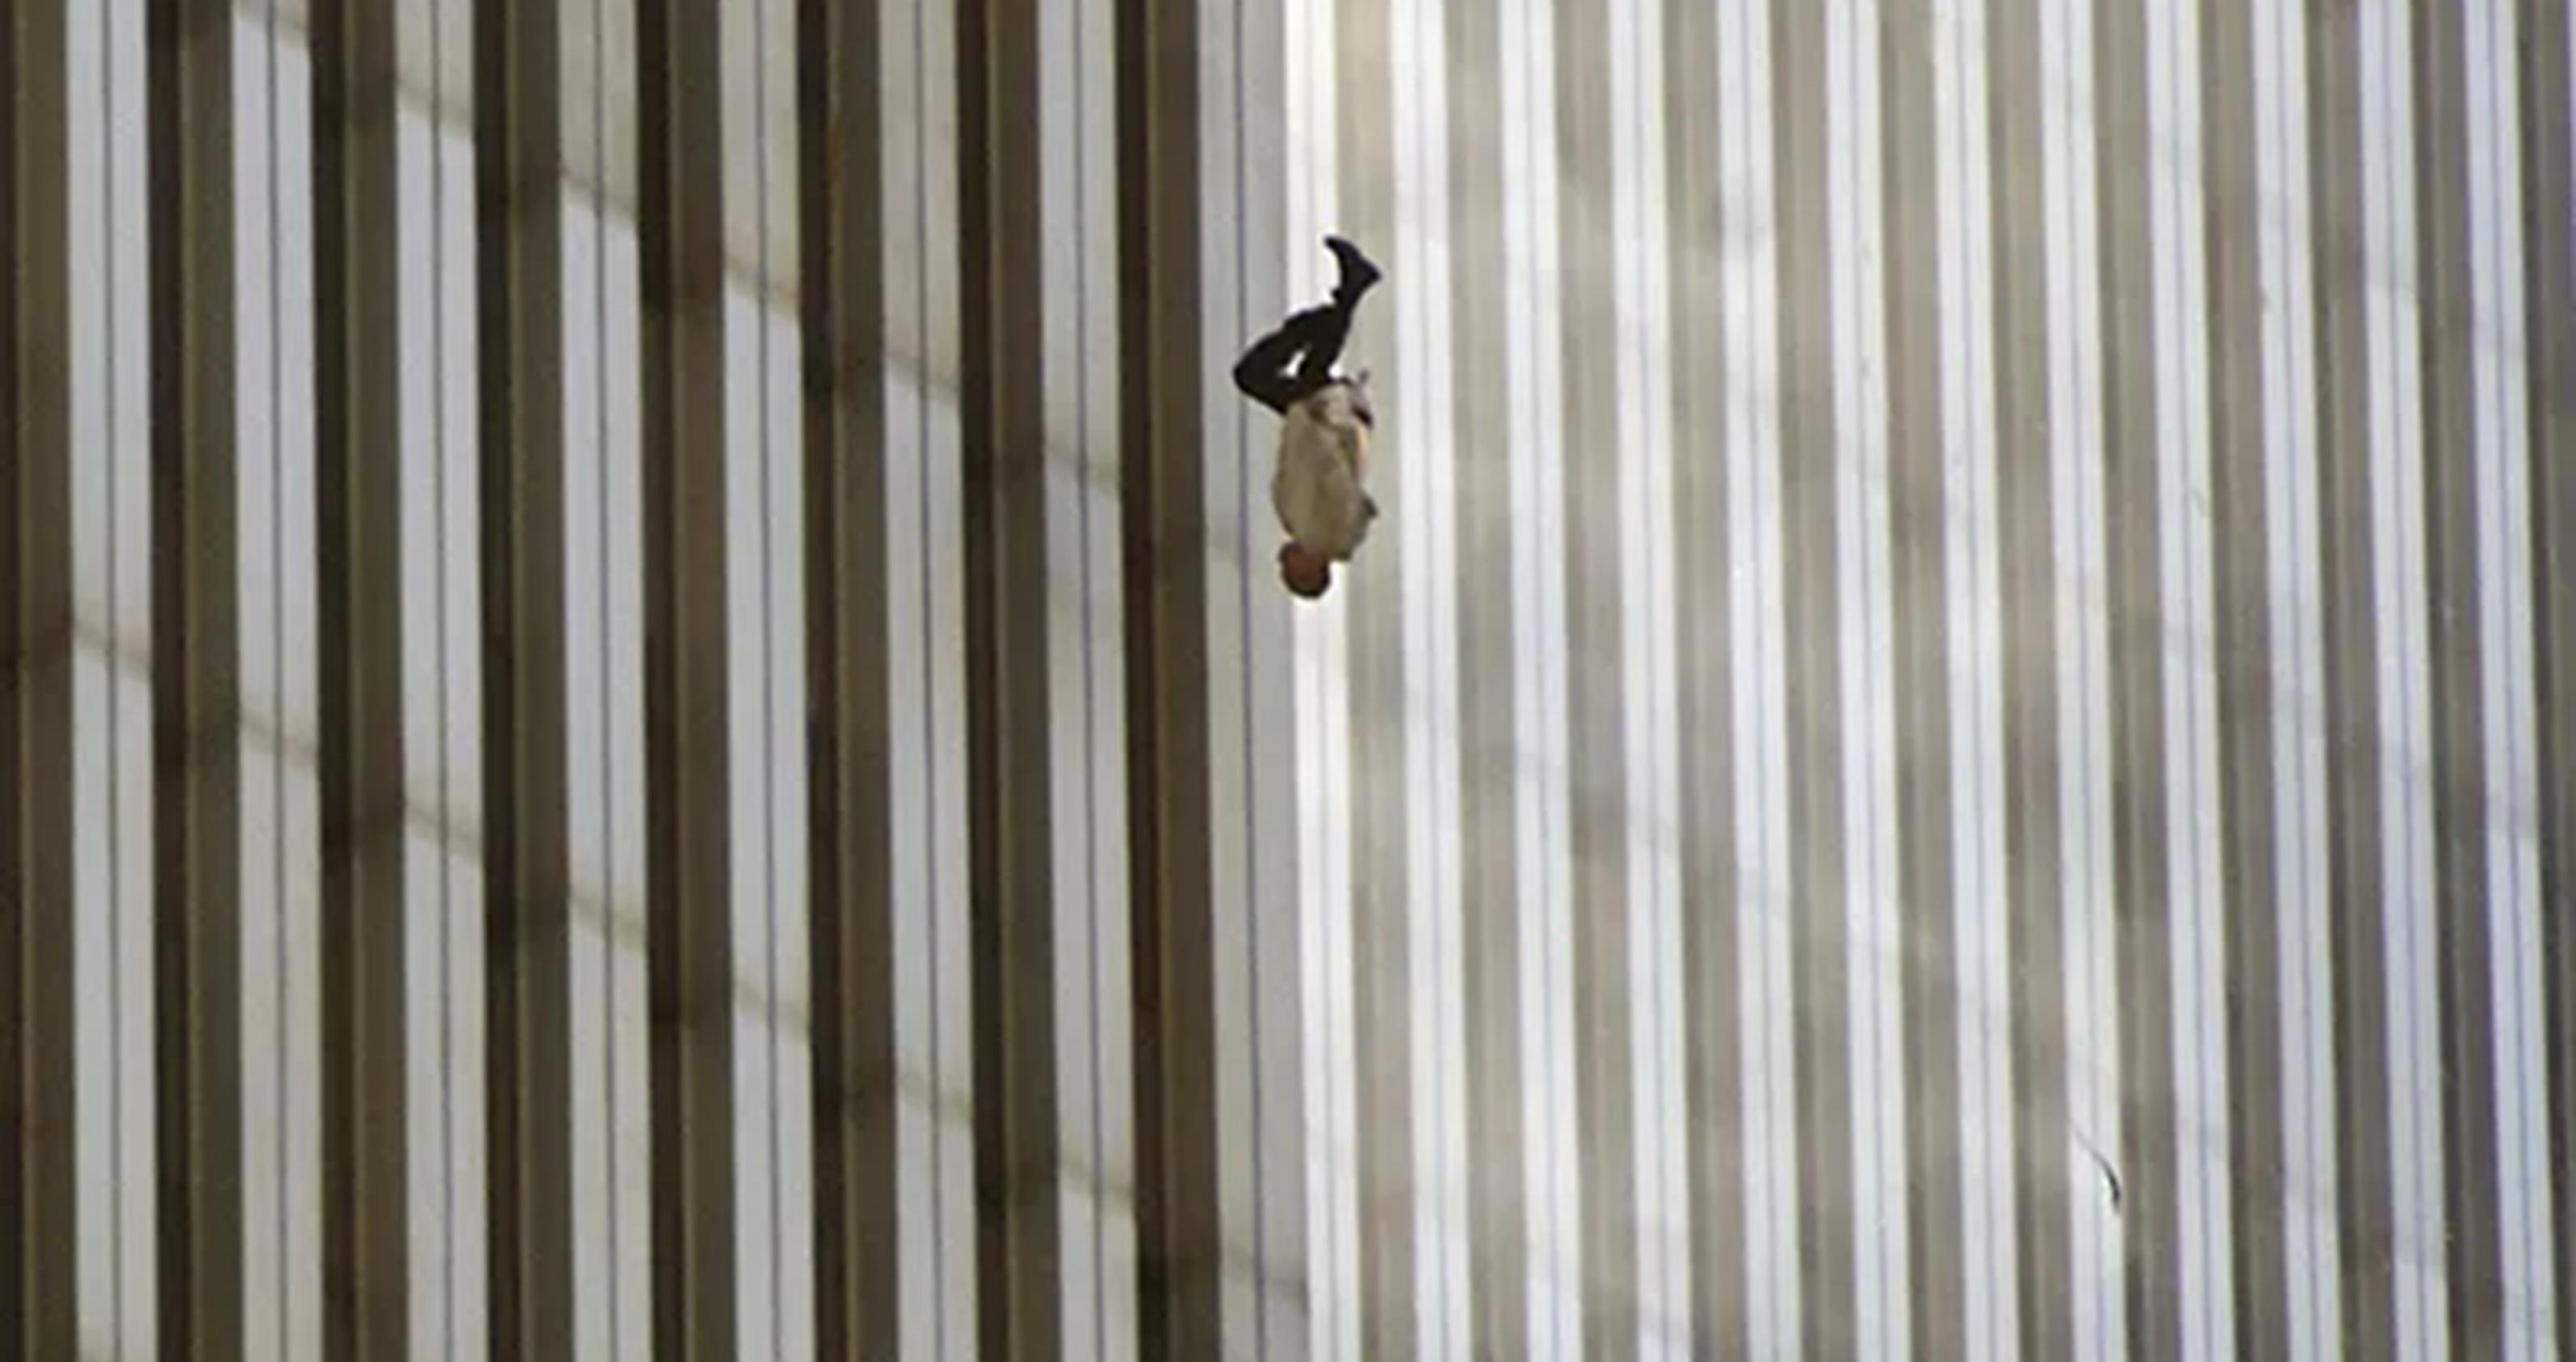 """11 septembrie: Povestea din spatele fotografiei """"Falling Man"""", realizată în timpul atentatelor de la World Trade Center"""